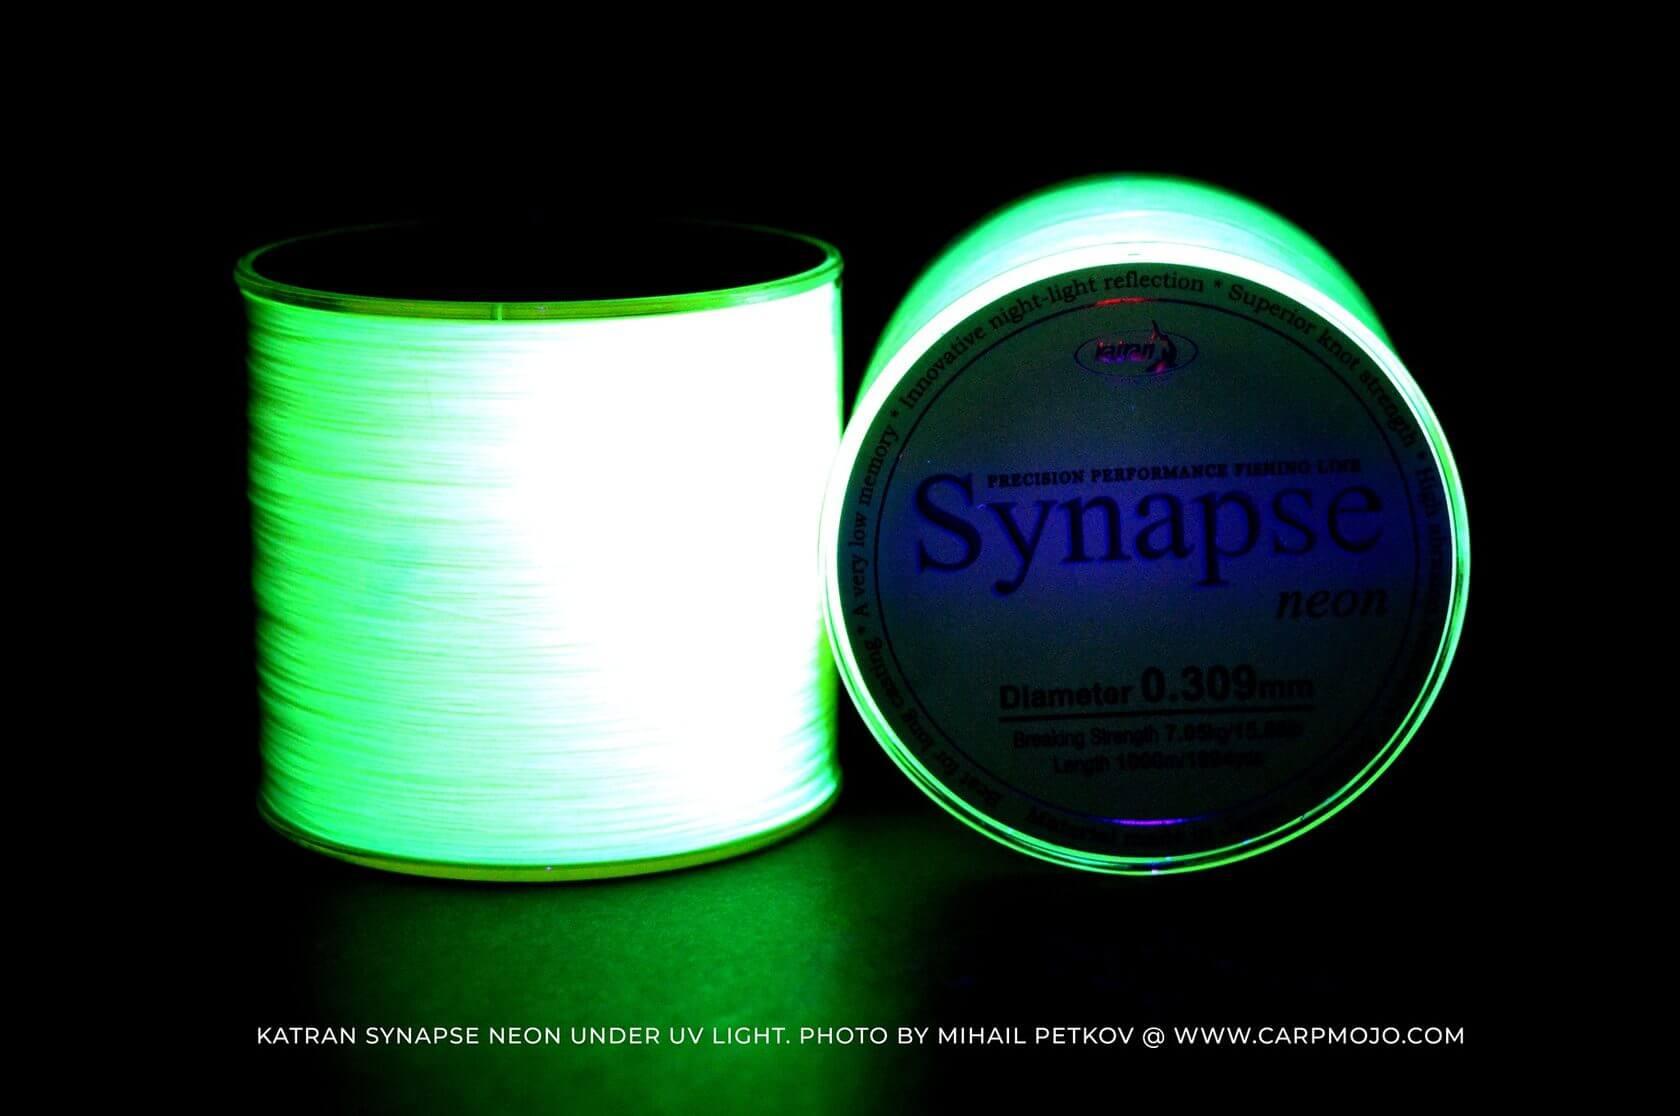 Katran Synapse Neon 0,331 1000m